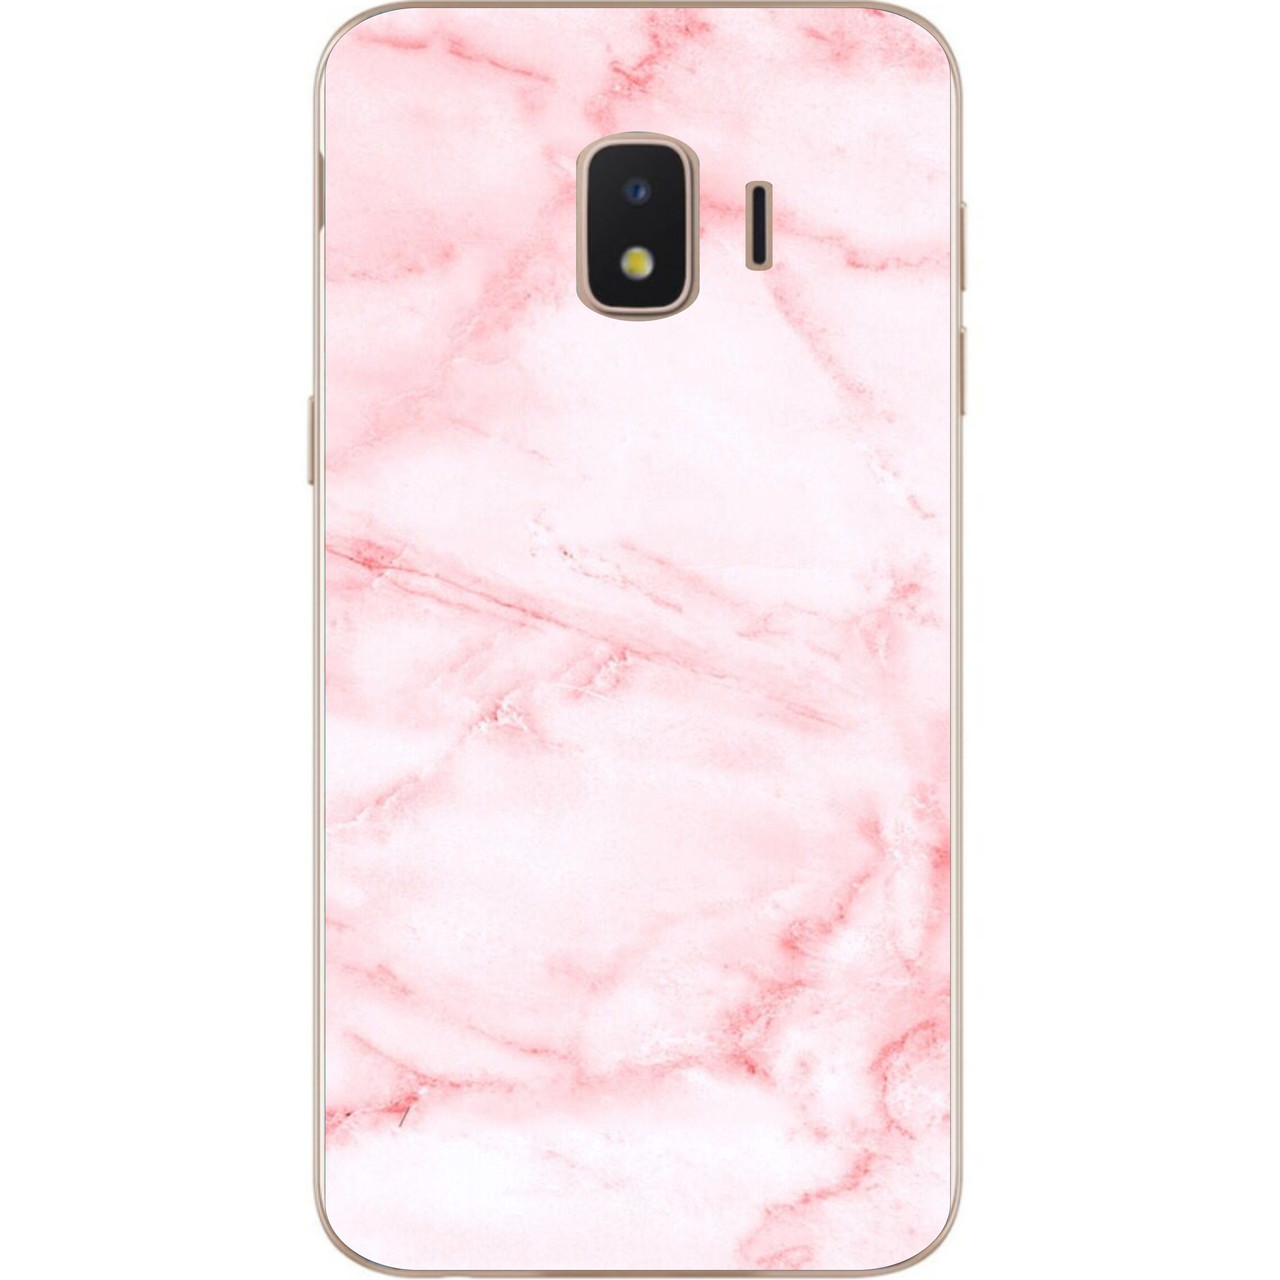 Силіконовий чохол з малюнком для Samsung J2 Core Galaxy 2018 з картинкою Рожевий мармур